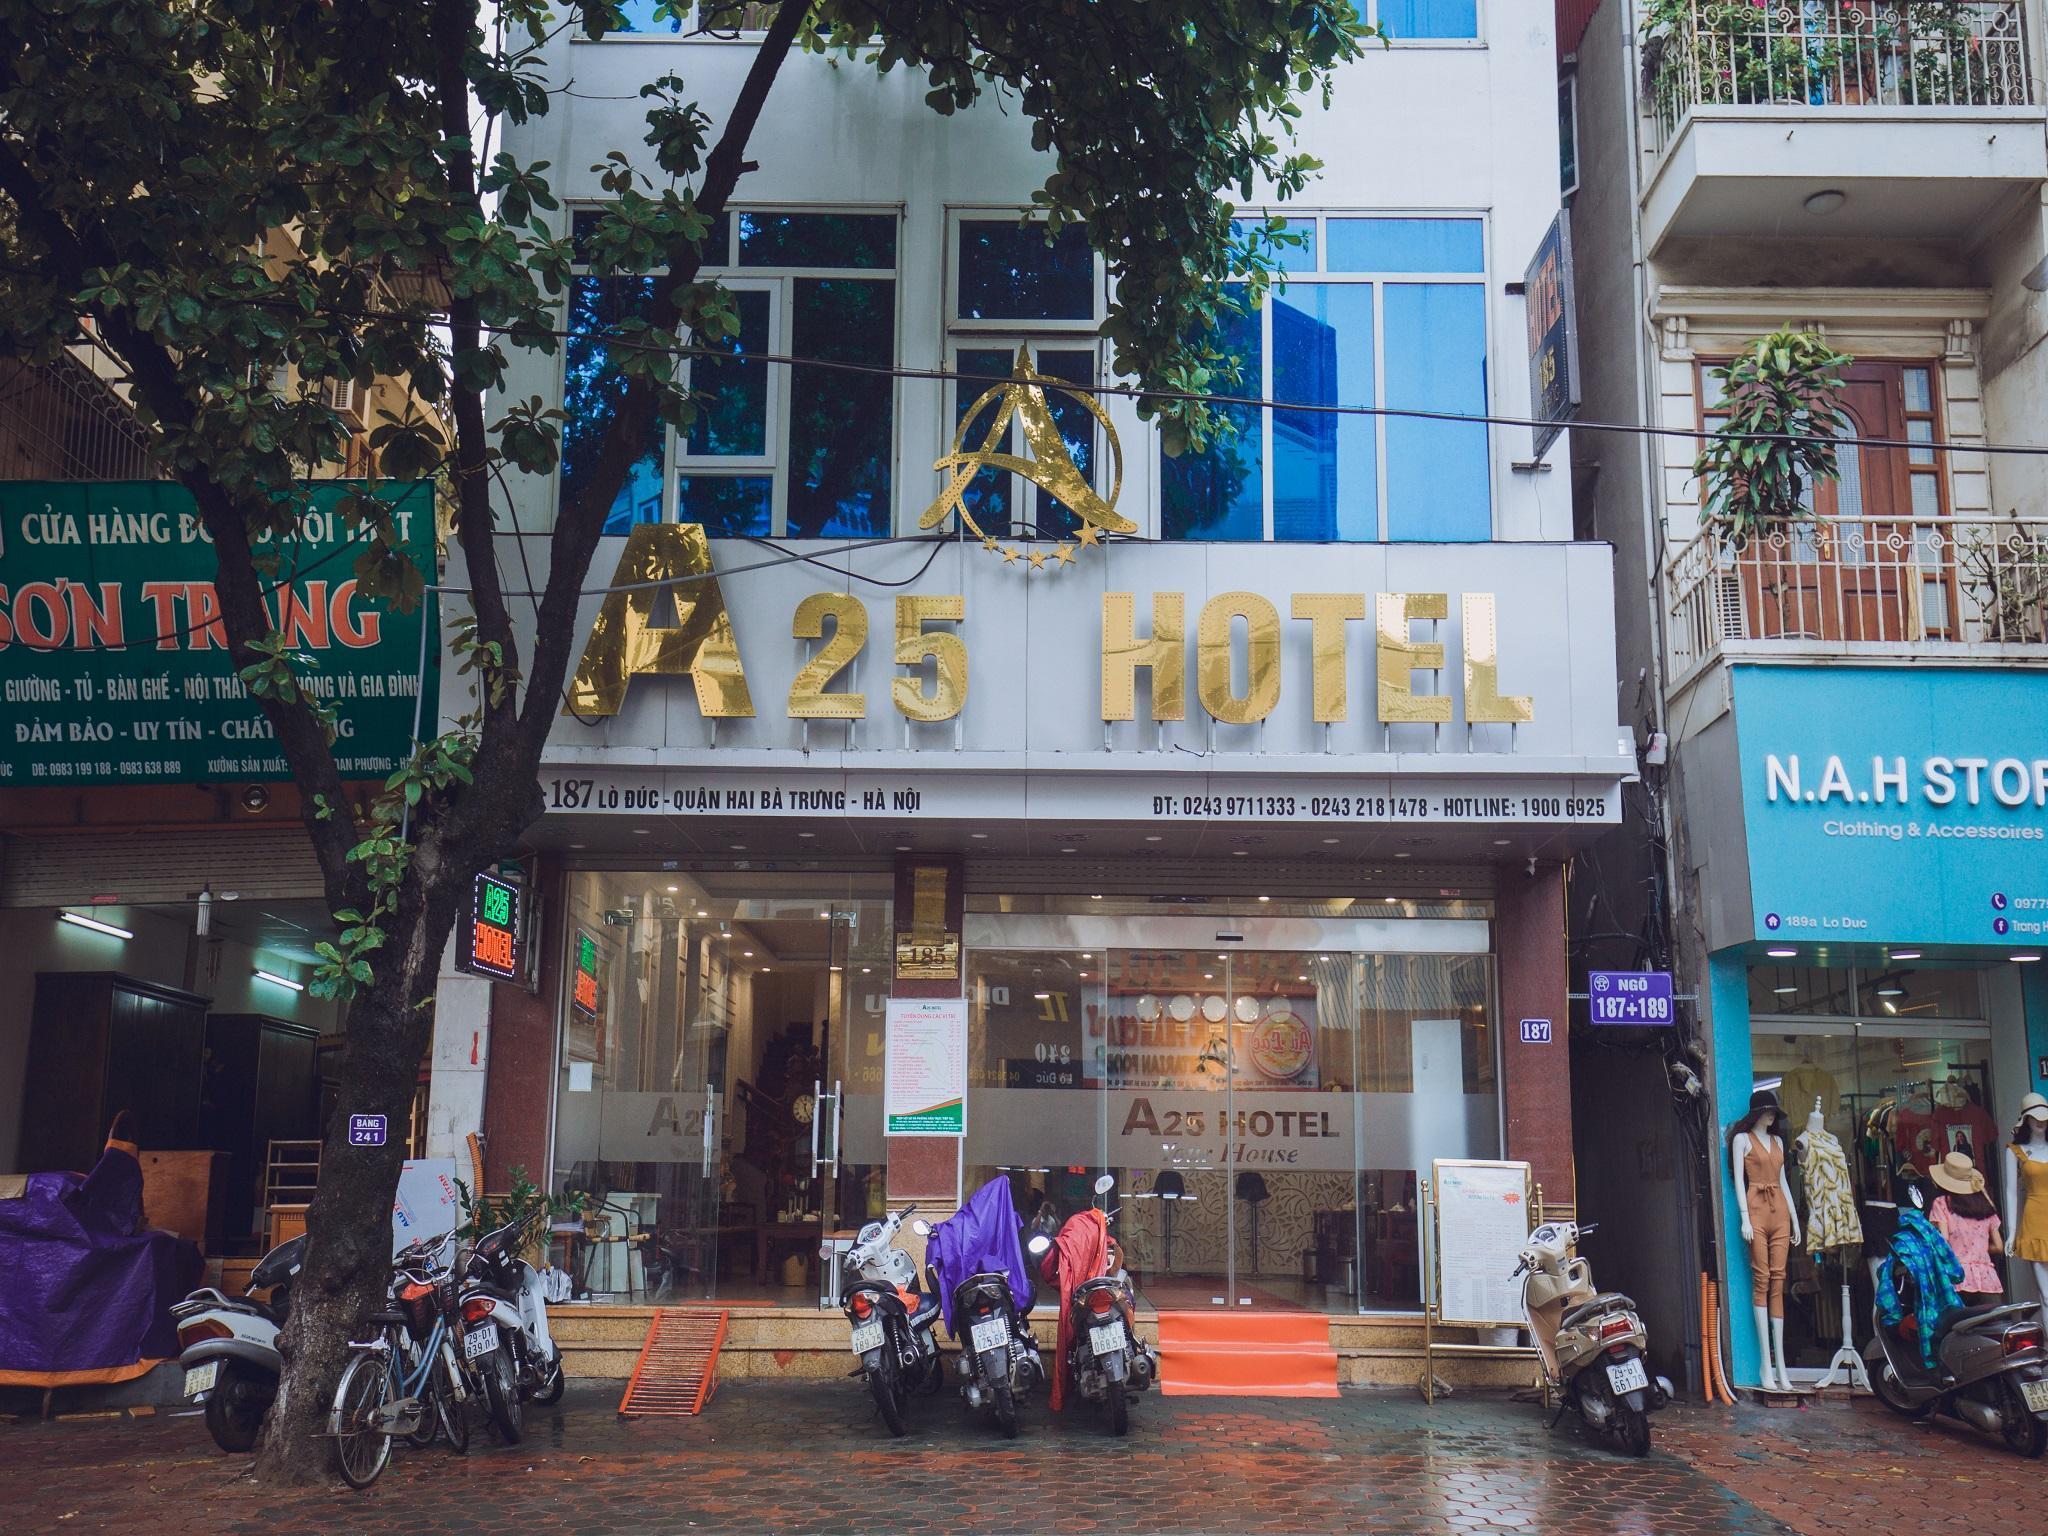 A25 Hotel   Lo Duc